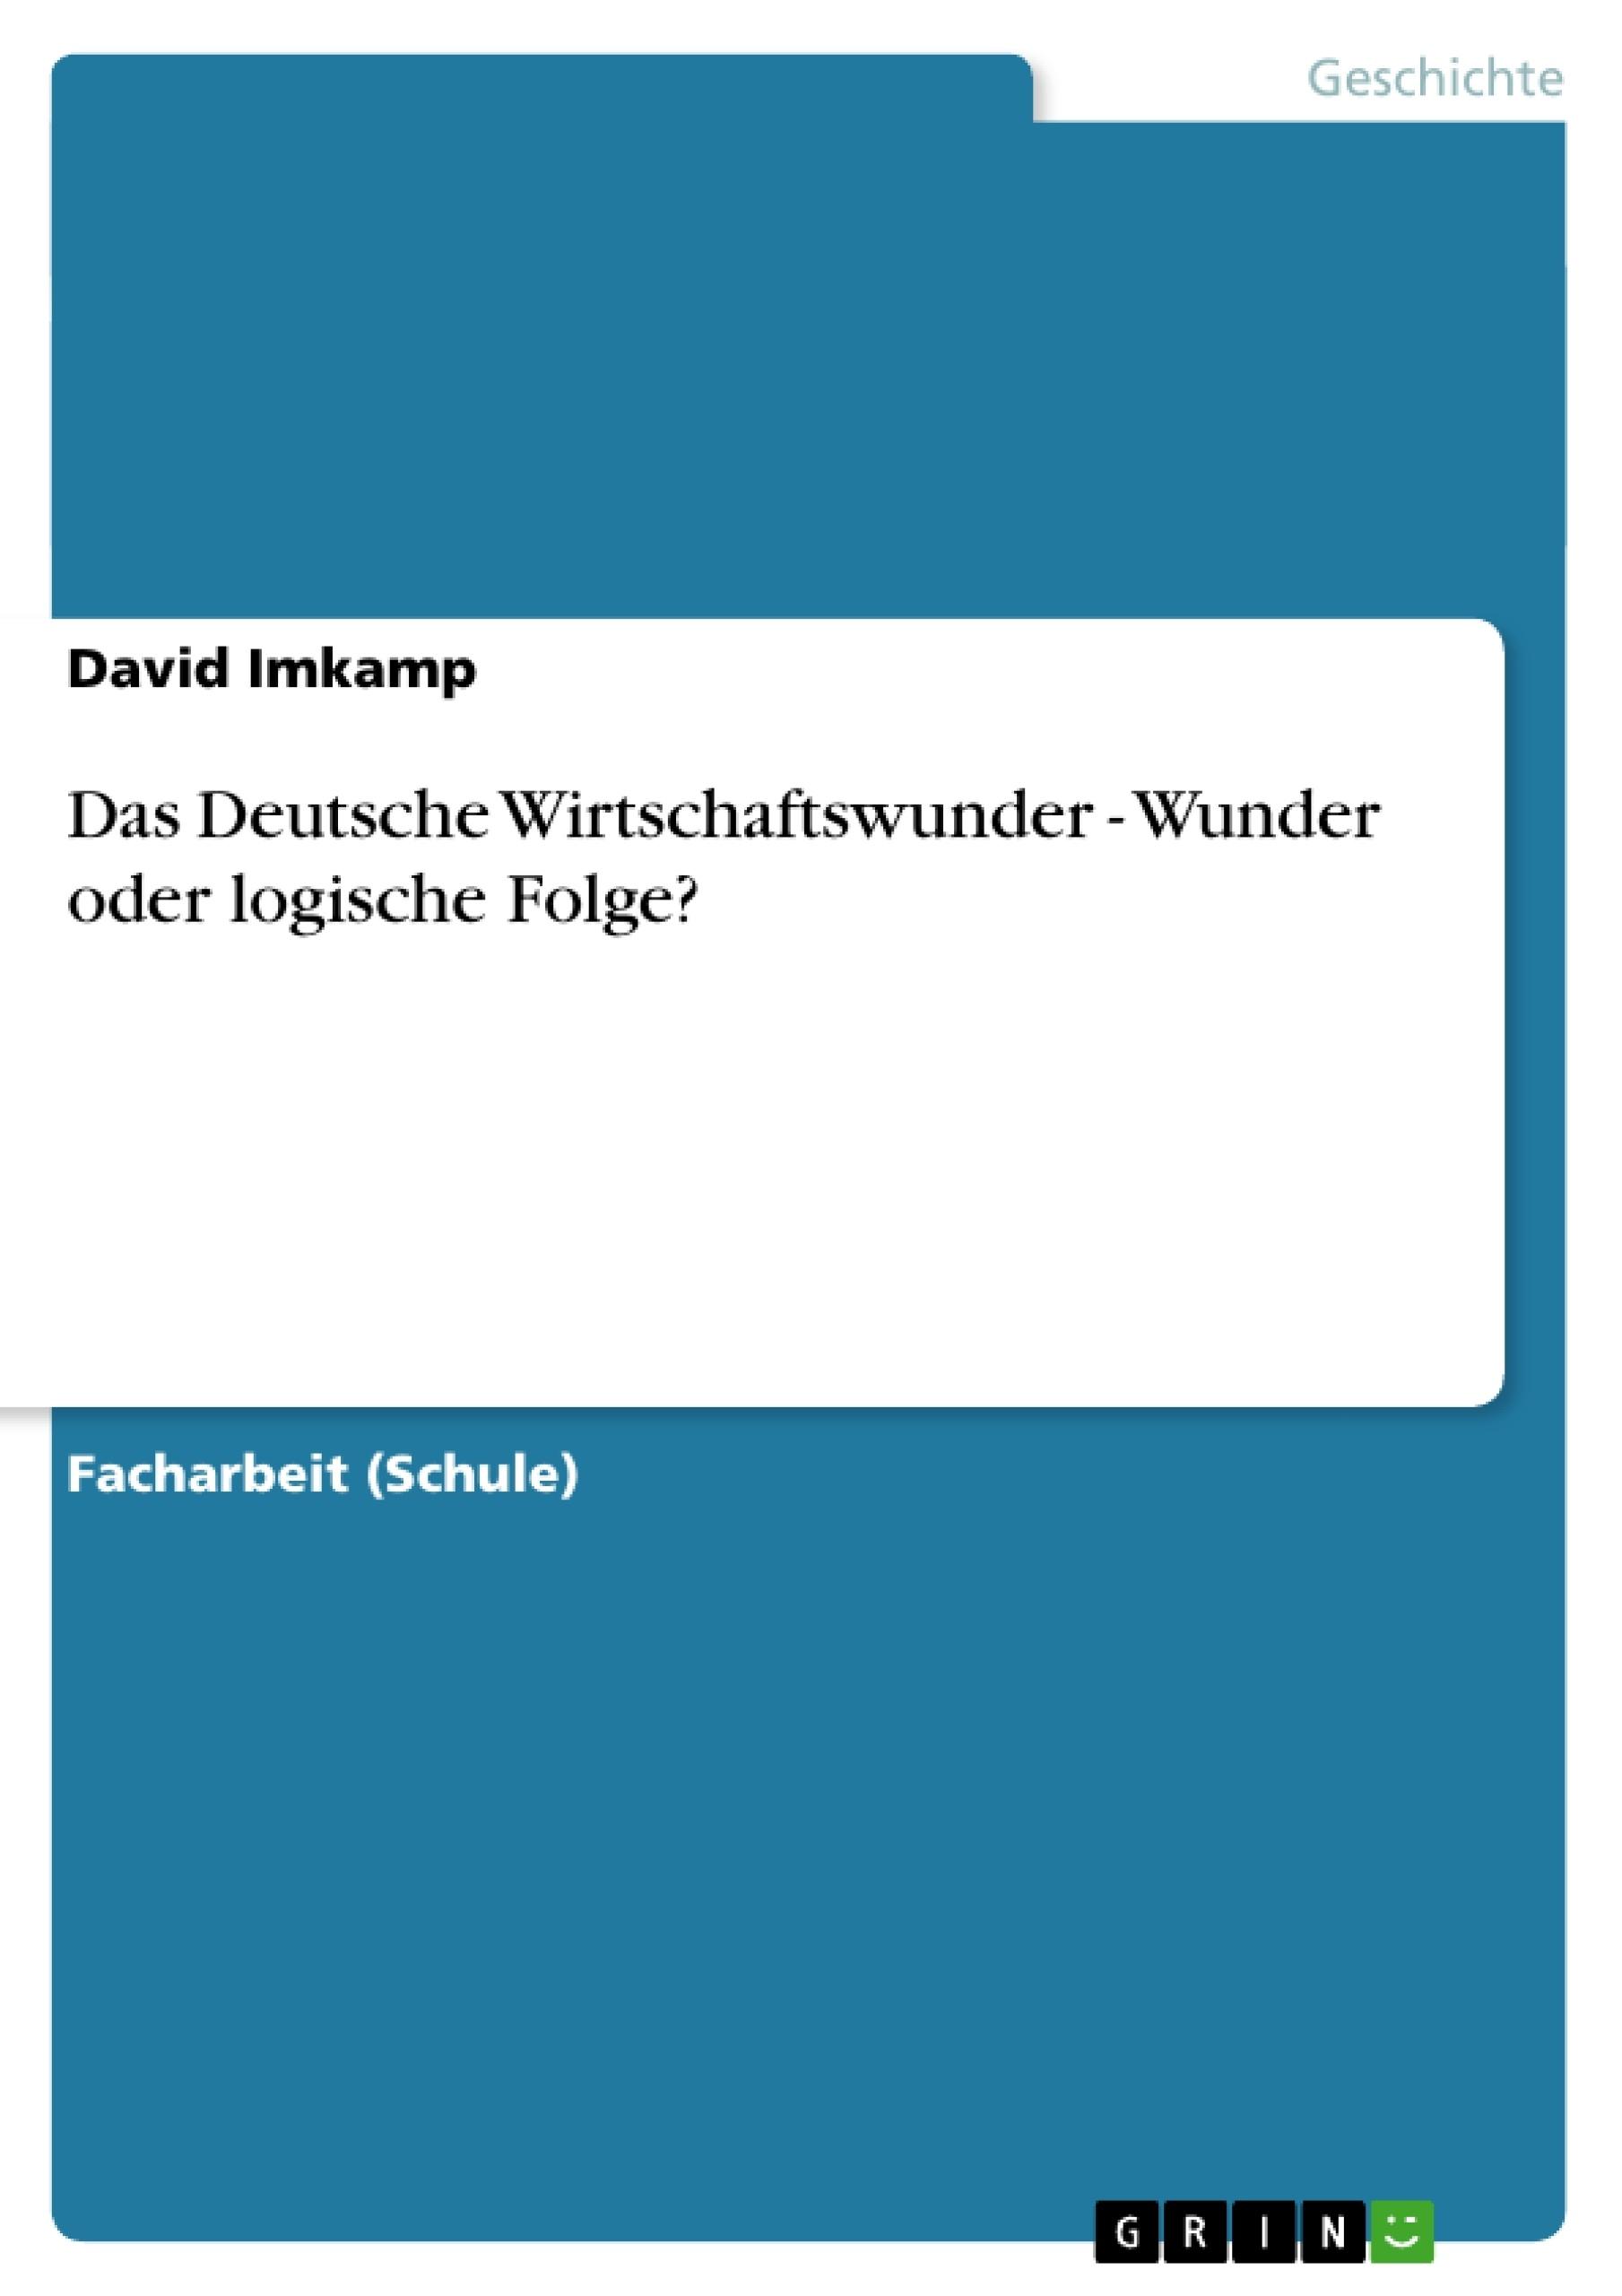 Titel: Das Deutsche Wirtschaftswunder - Wunder oder logische Folge?